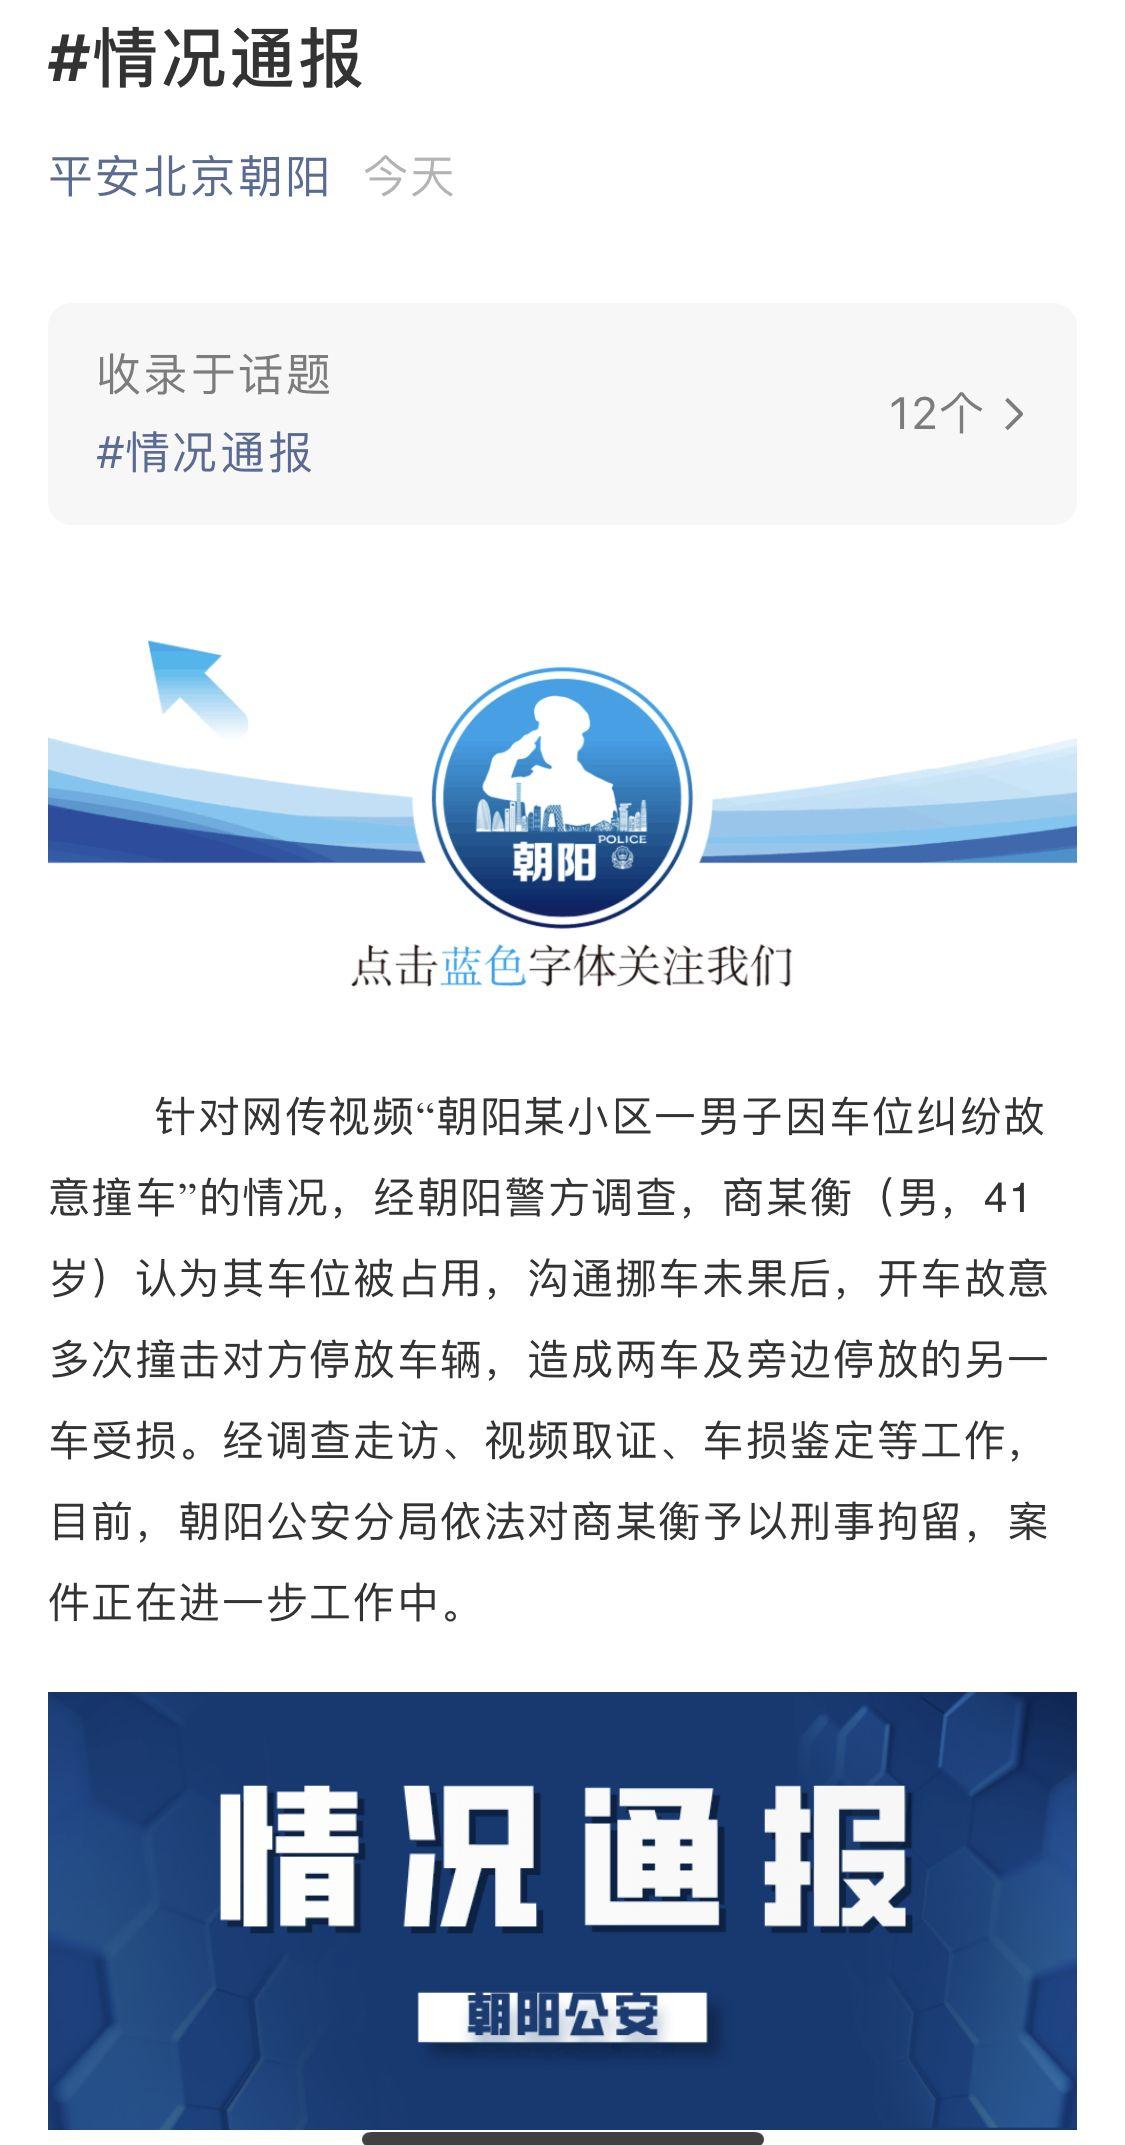 6月16日,朝阳公安分局发布通报,已依法对红色轿车驾驶员商某衡予以刑事拘留。平安北京朝阳微信公号截图